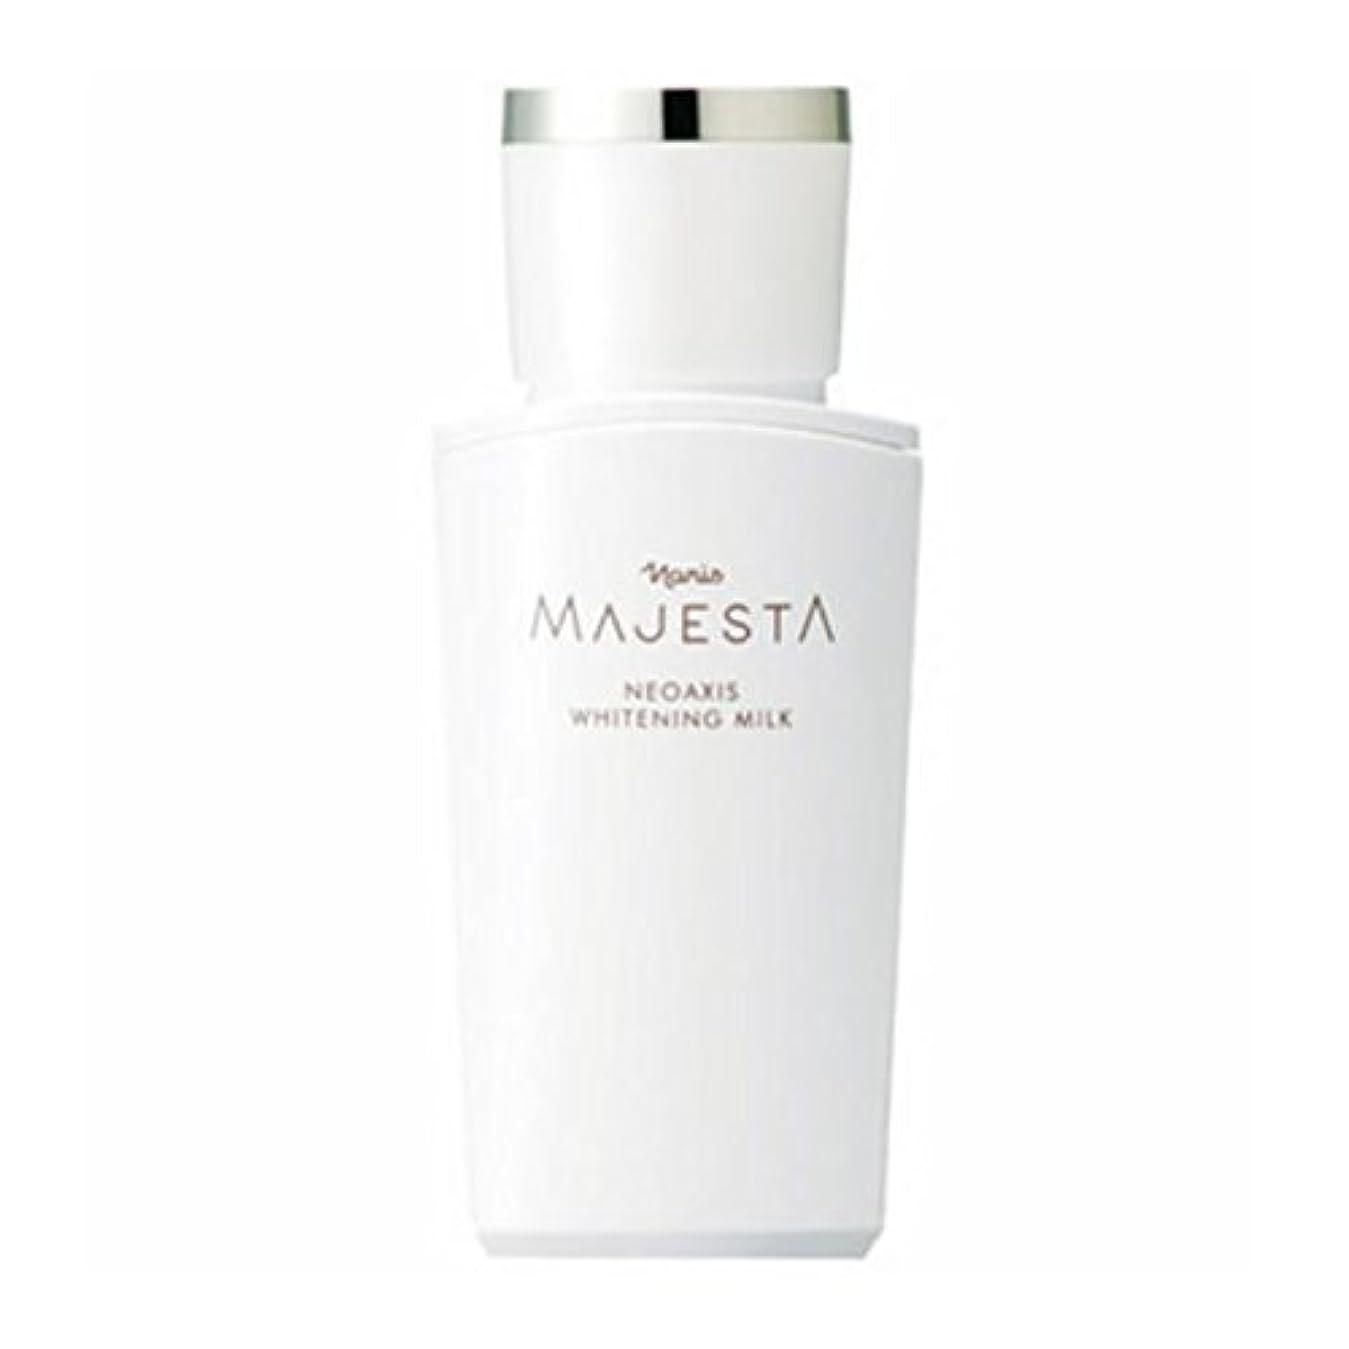 ナリス化粧品 マジェスタ ネオアクシス ホワイトニング ミルク (薬用 美白乳液) 80ml